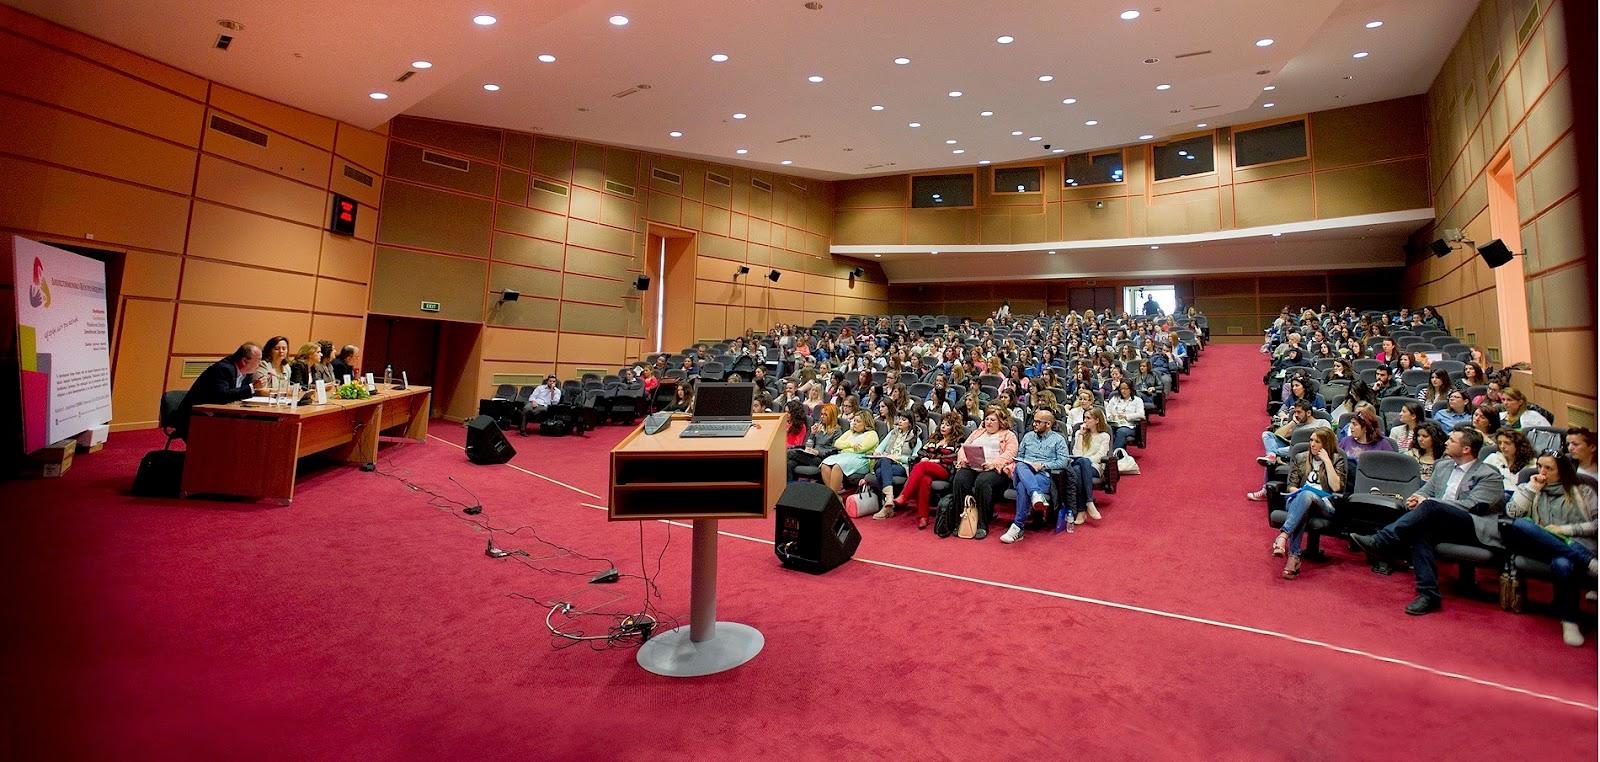 Πανεπιστήμιο Ιωαννίνων: «Γραμματολογία, Ιστορία, Σύγκριση»